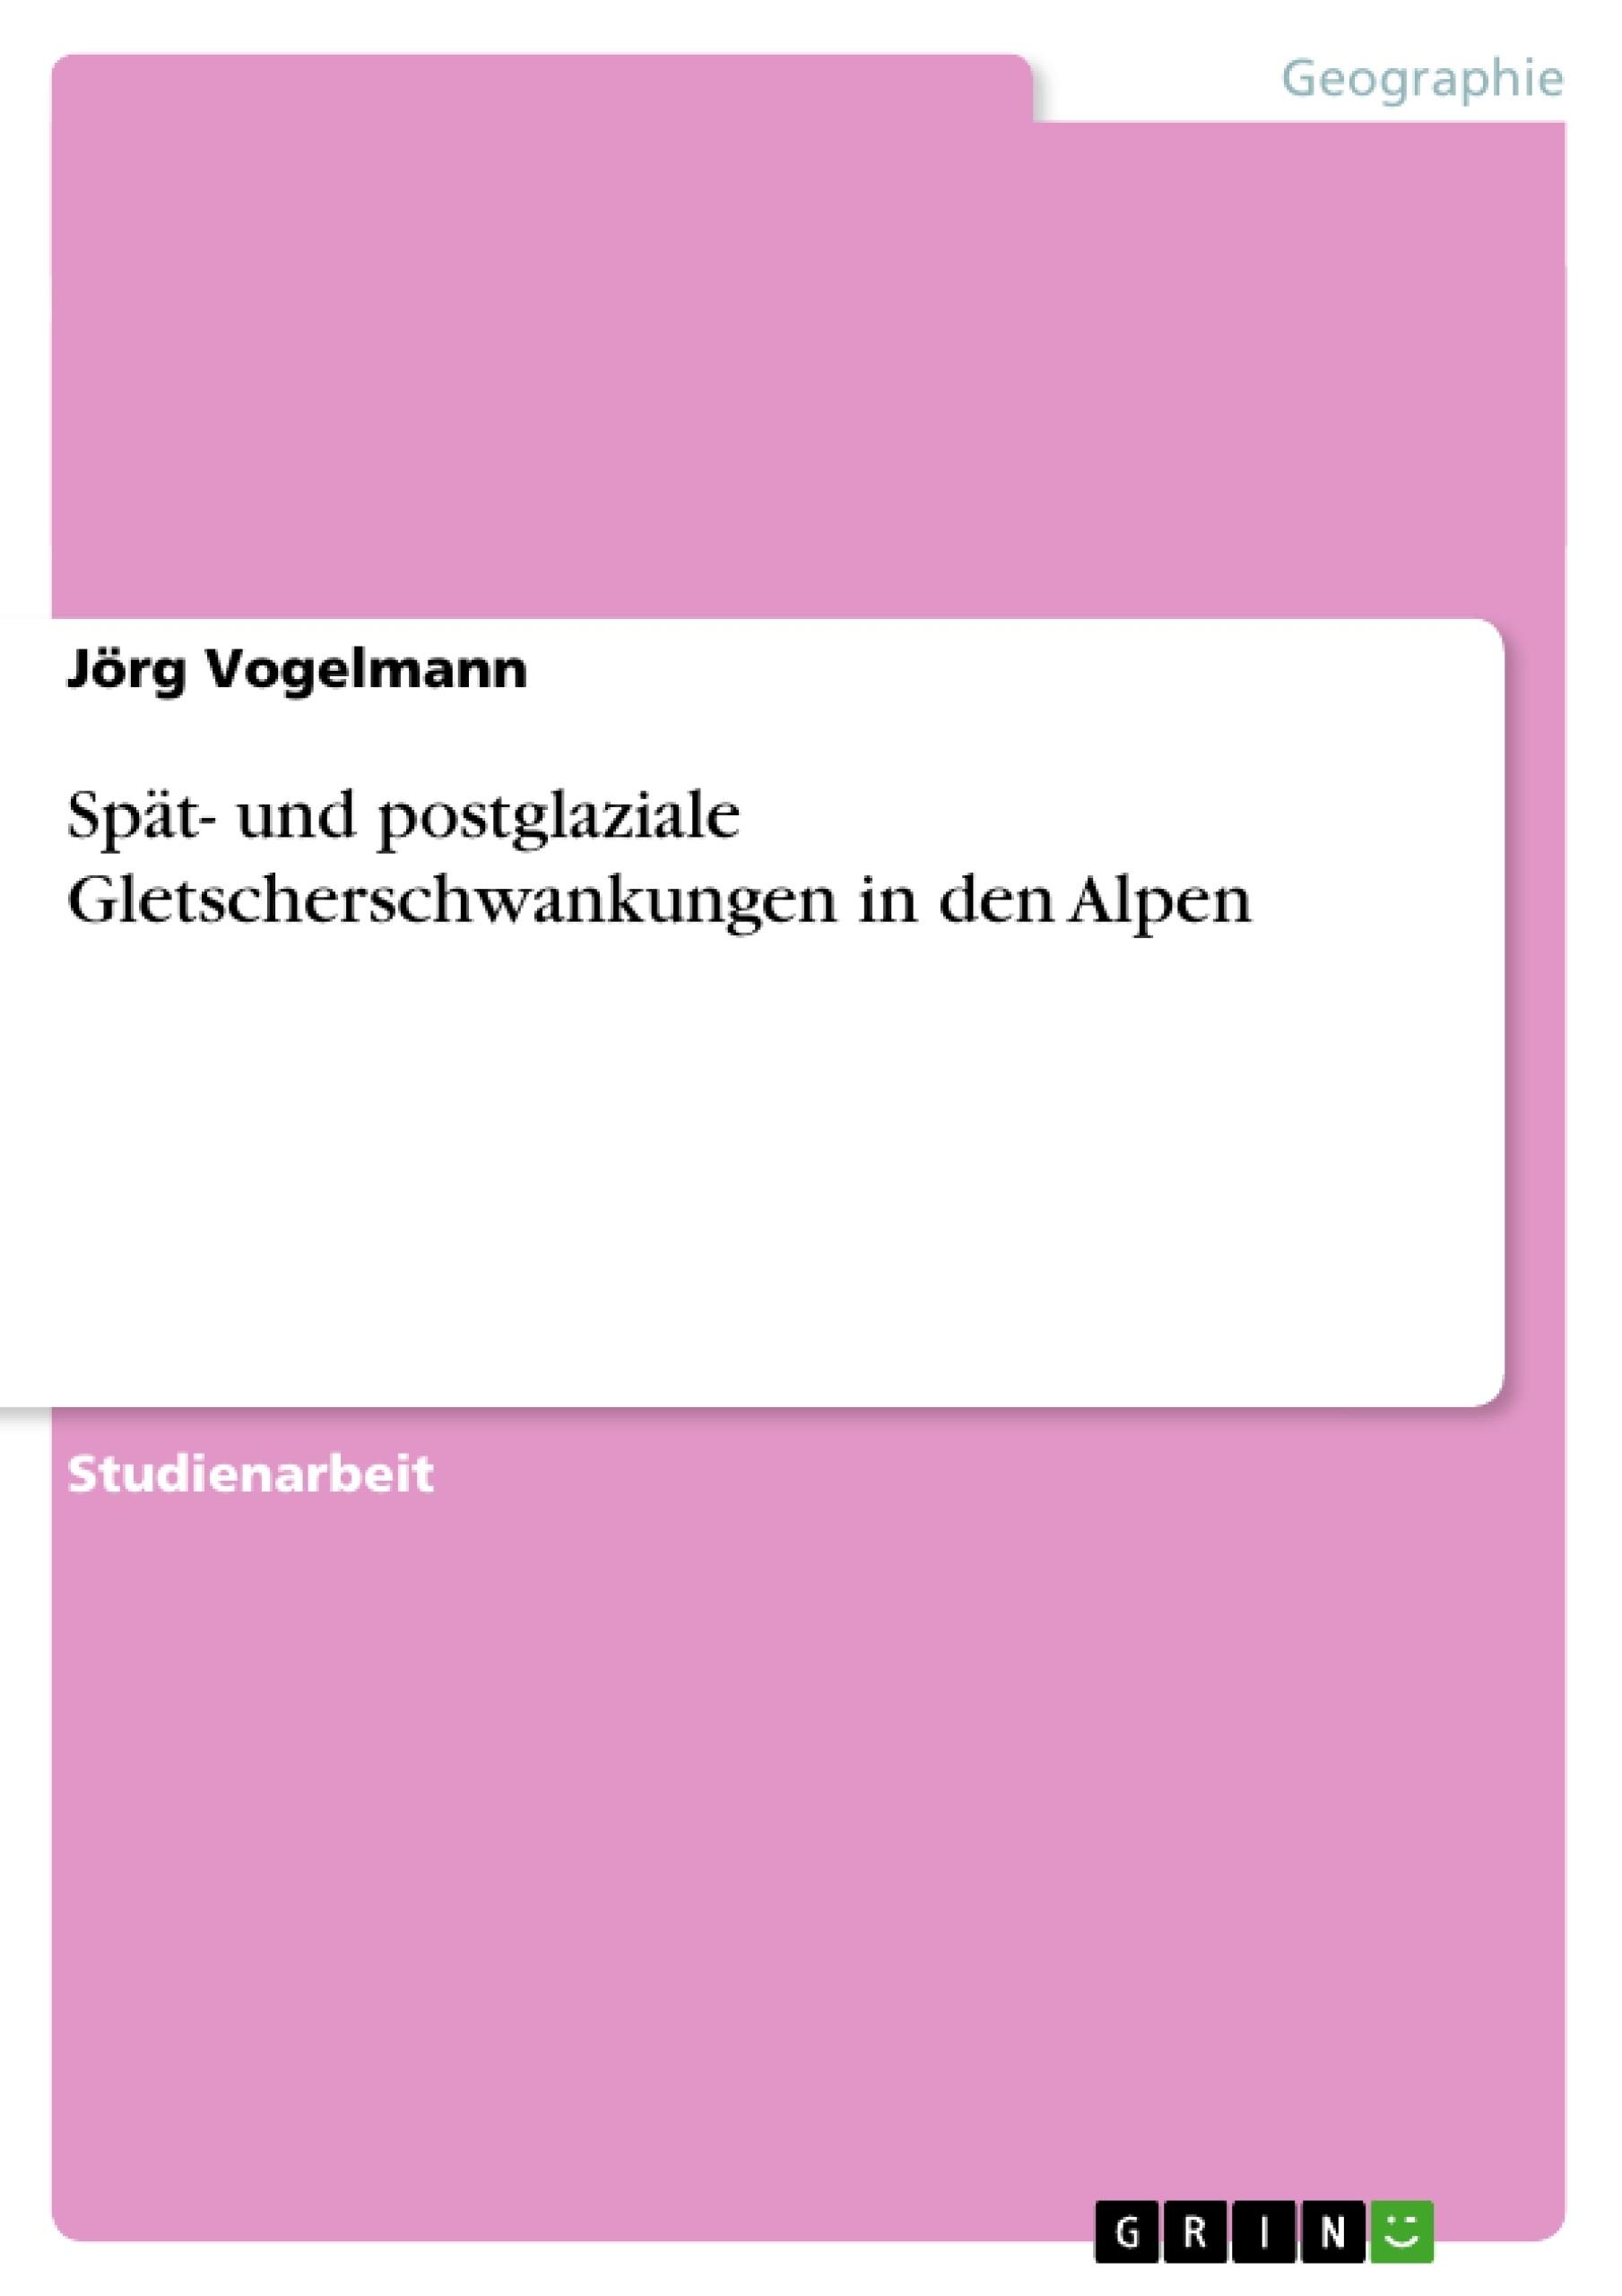 Titel: Spät- und postglaziale Gletscherschwankungen in den Alpen